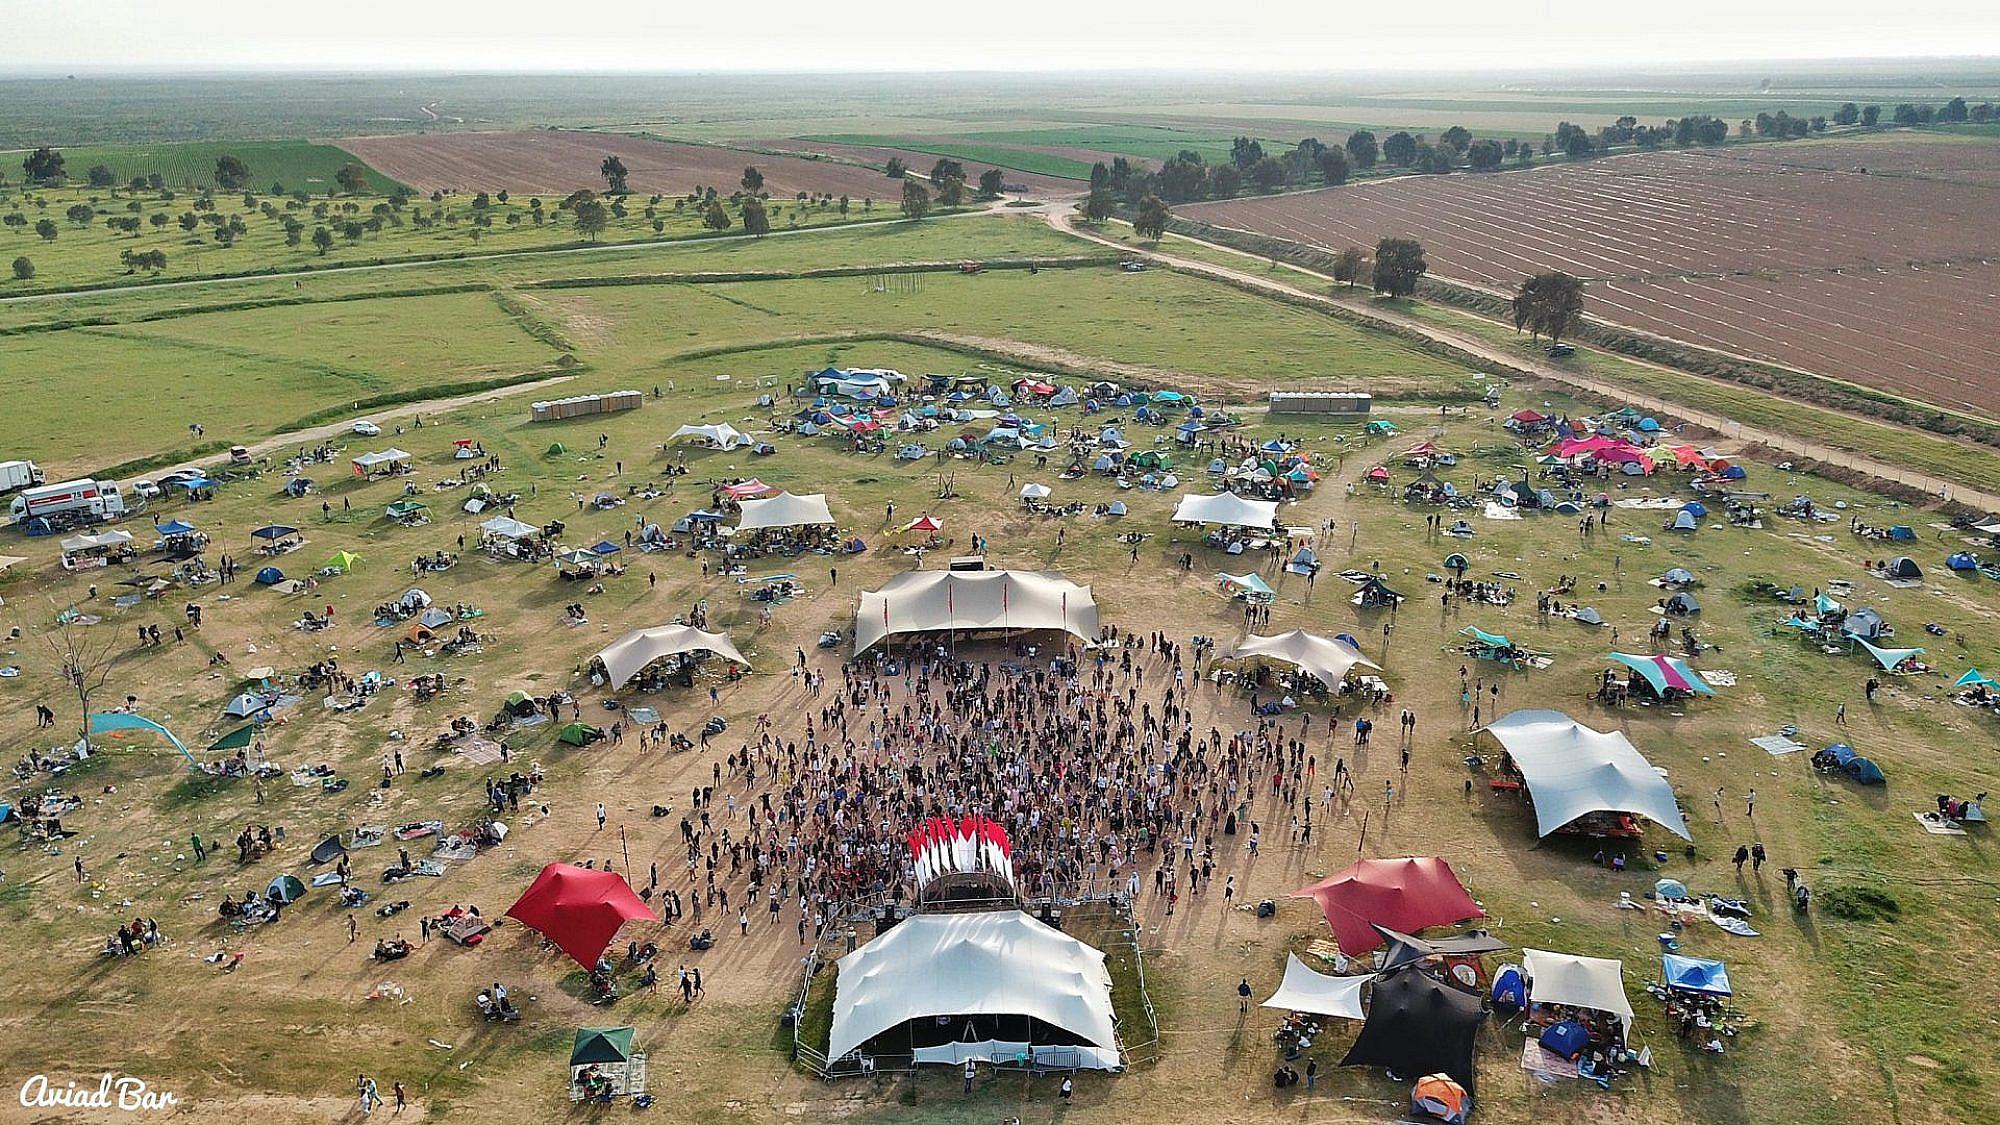 פסטיבל מוקשה (צילום: אביעד בר)